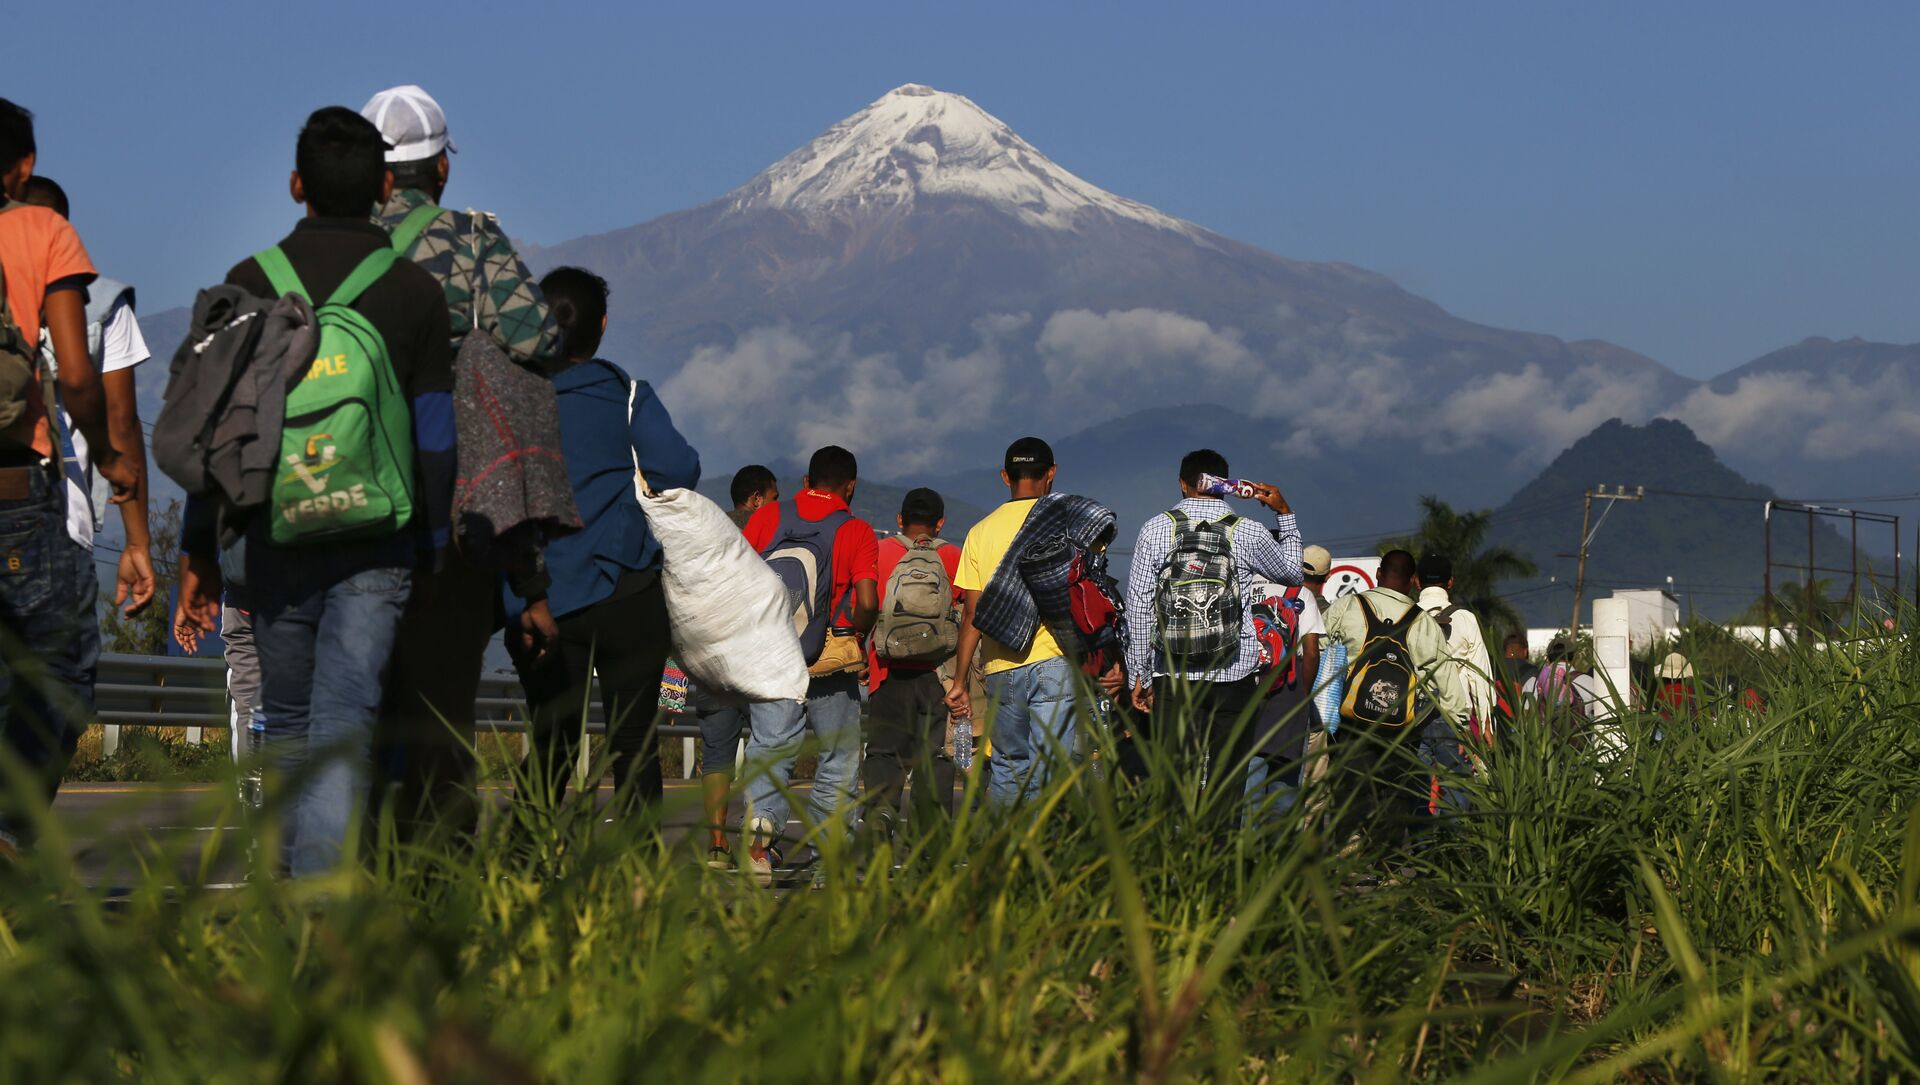 Une caravane de migrants d'Amérique centrale se dirige vers la frontière de l'USA - Sputnik France, 1920, 03.09.2021